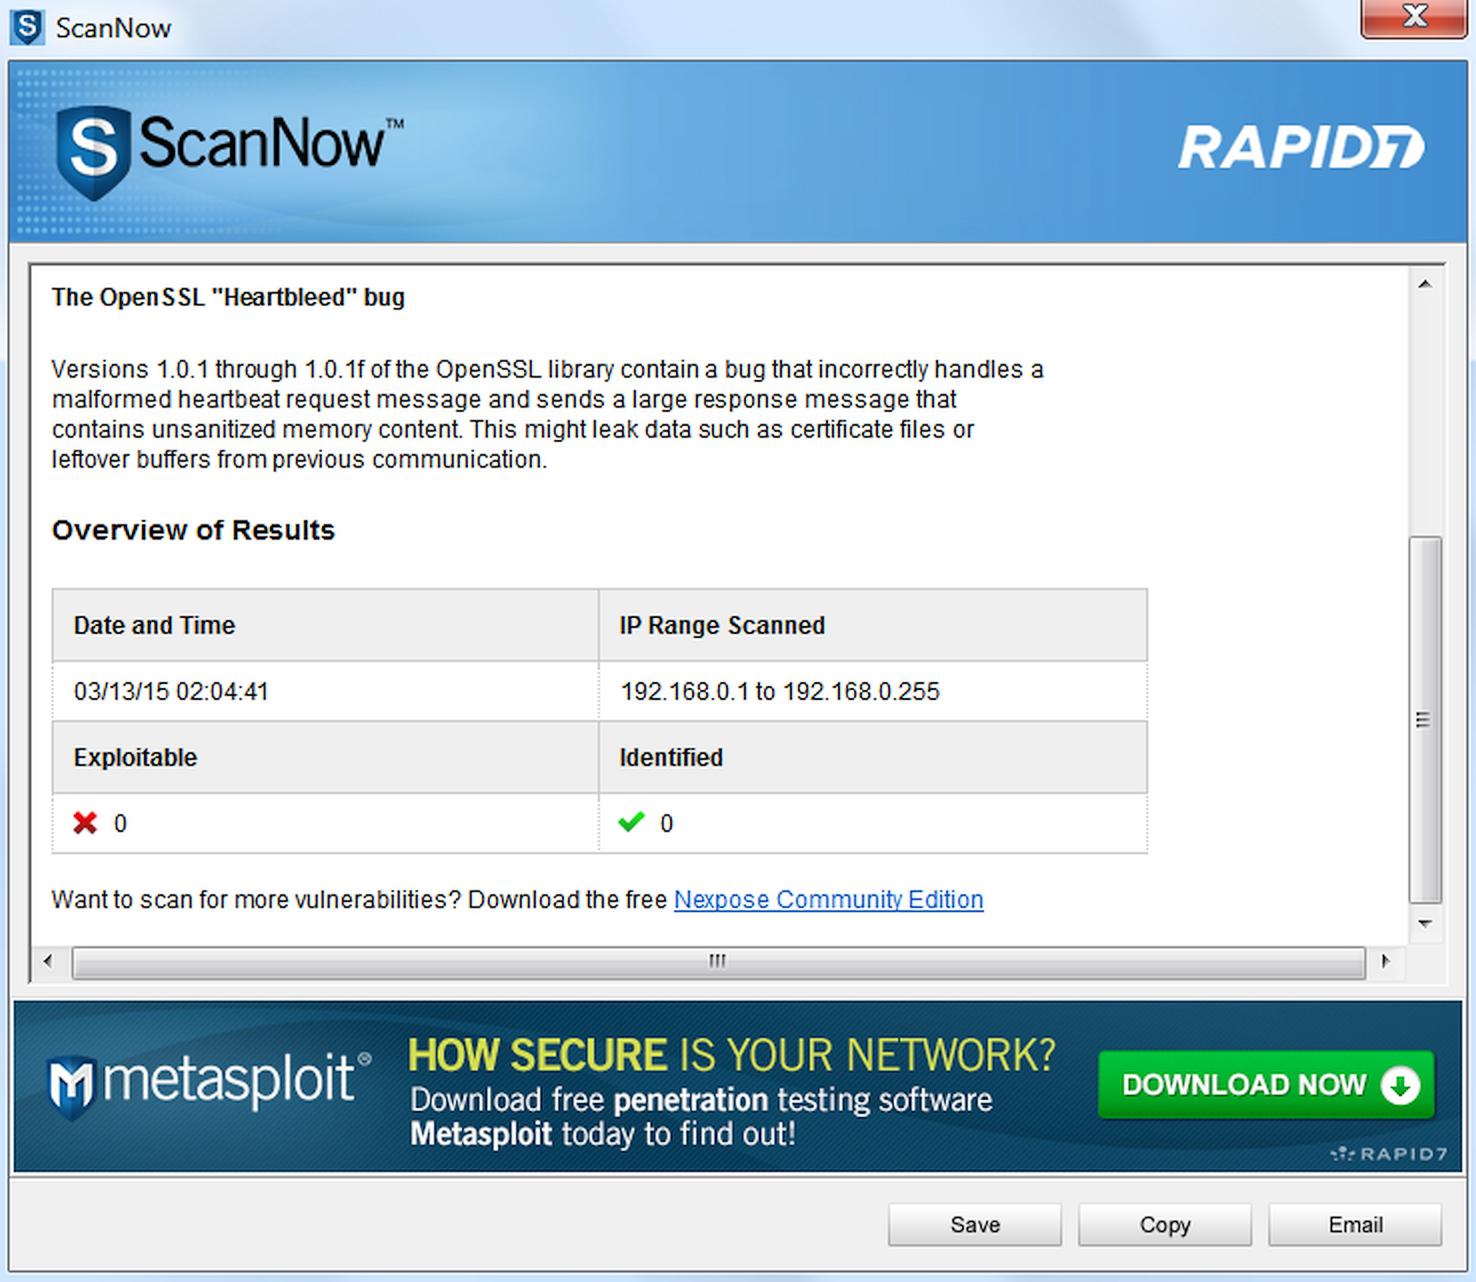 Результаты проверки ScanNow и реклама более продвинутого сканера